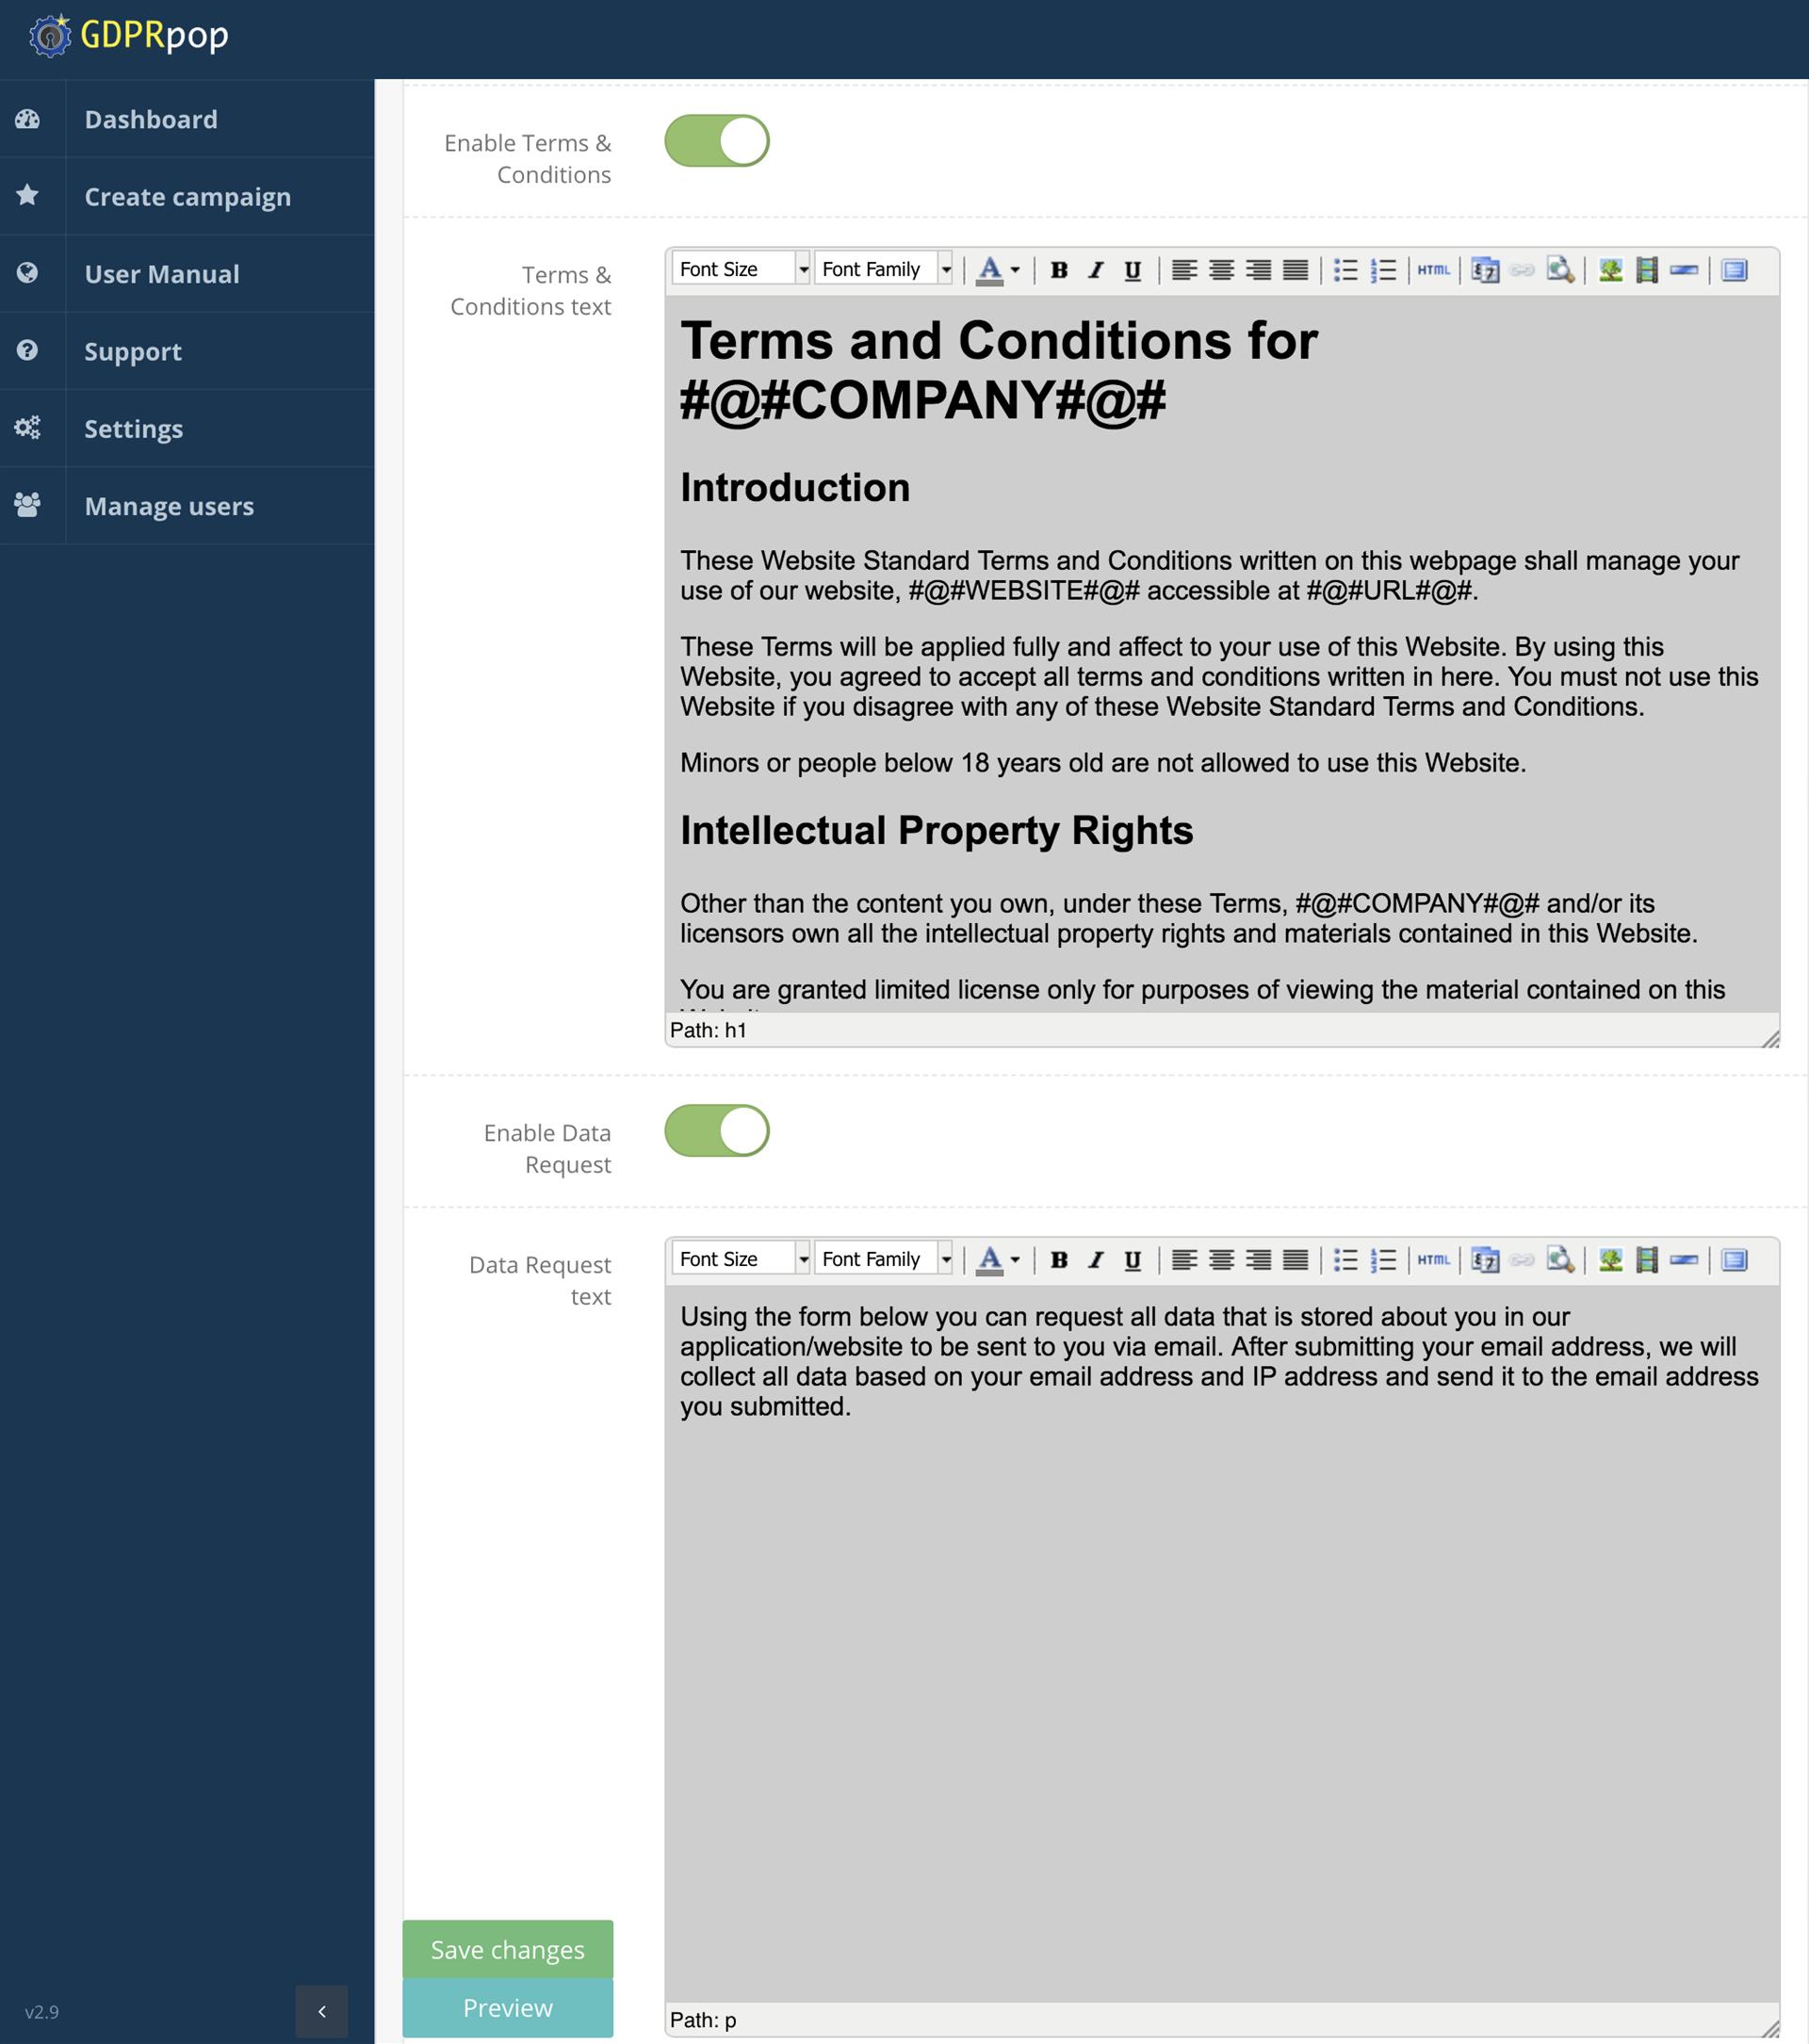 GDPRpop Unlimited, Development Software Screenshot